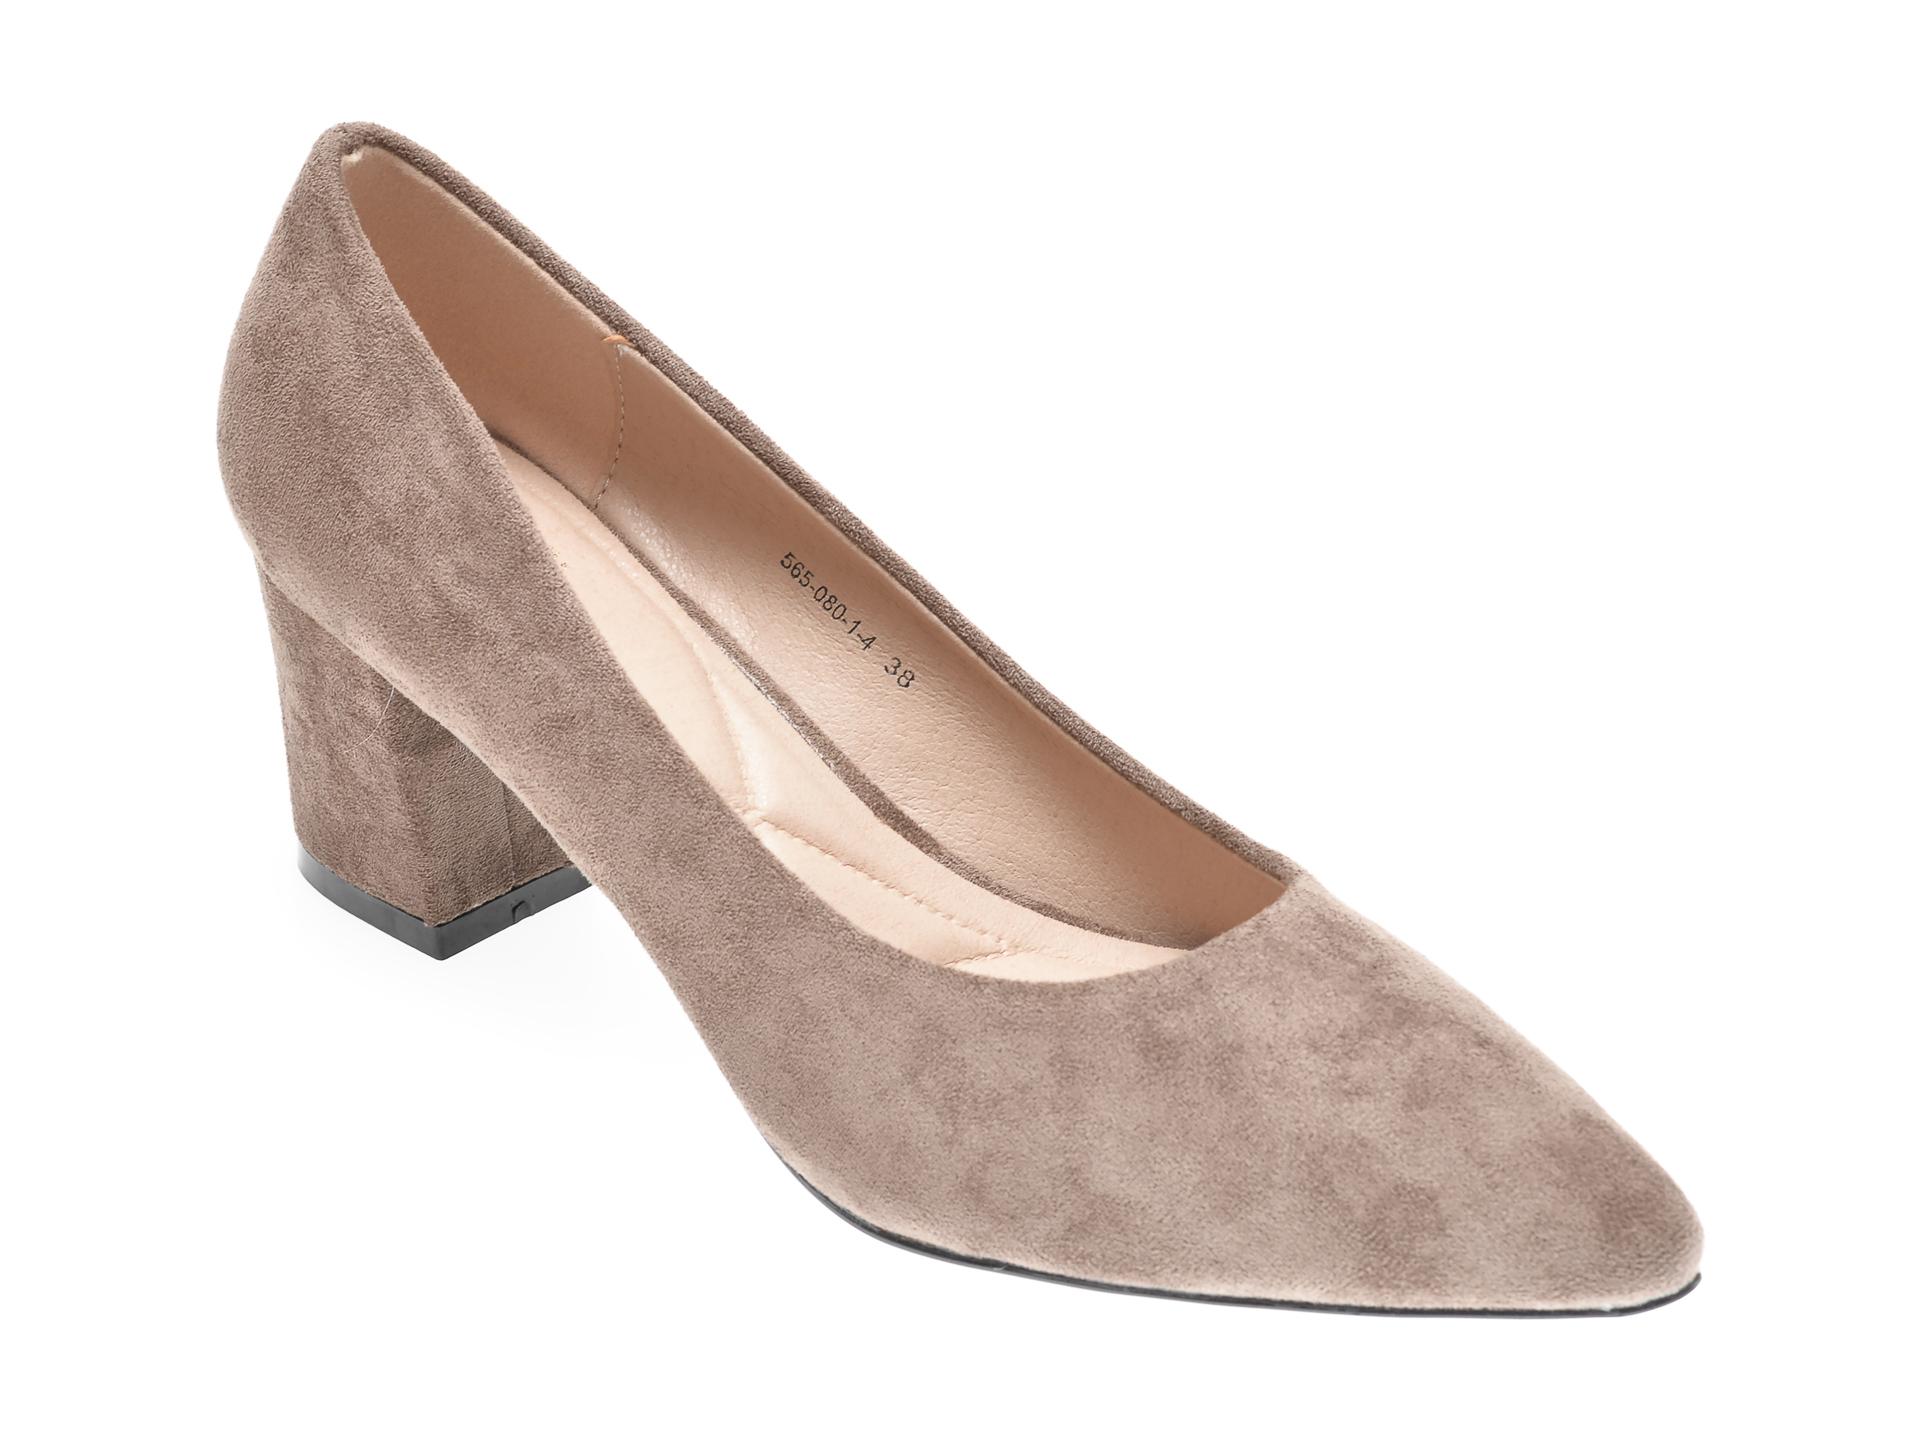 Pantofi RIO FIORE gri, 565080, din piele ecologica imagine